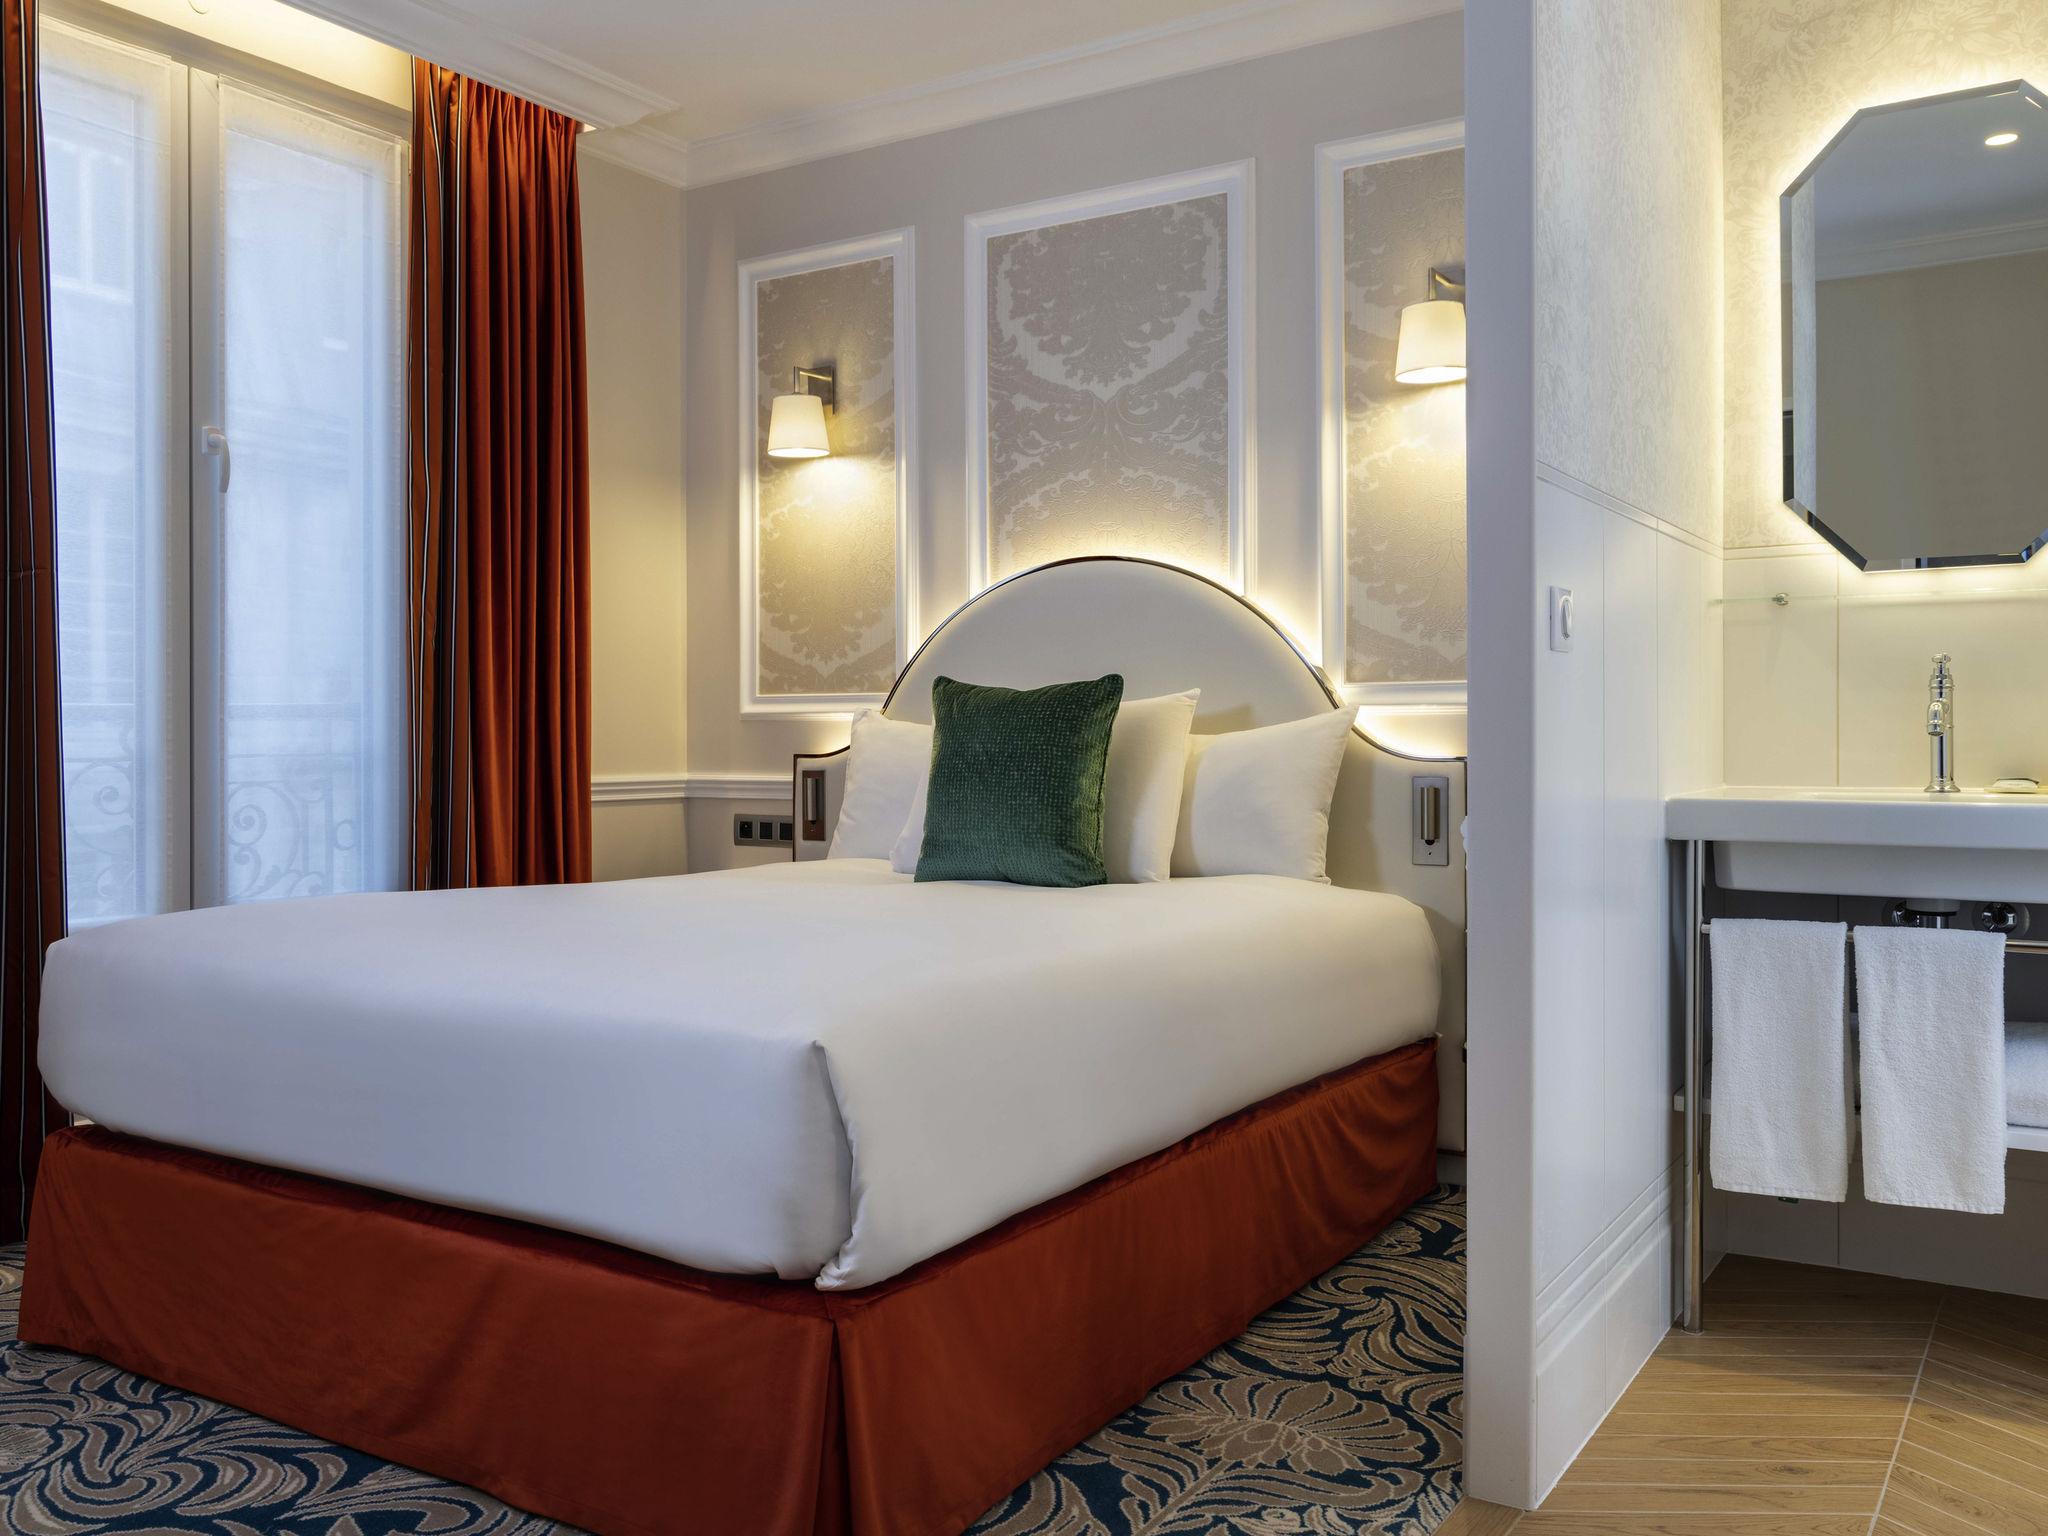 Hôtel - Hôtel Mercure Paris La Sorbonne Saint-Germain-des-Prés